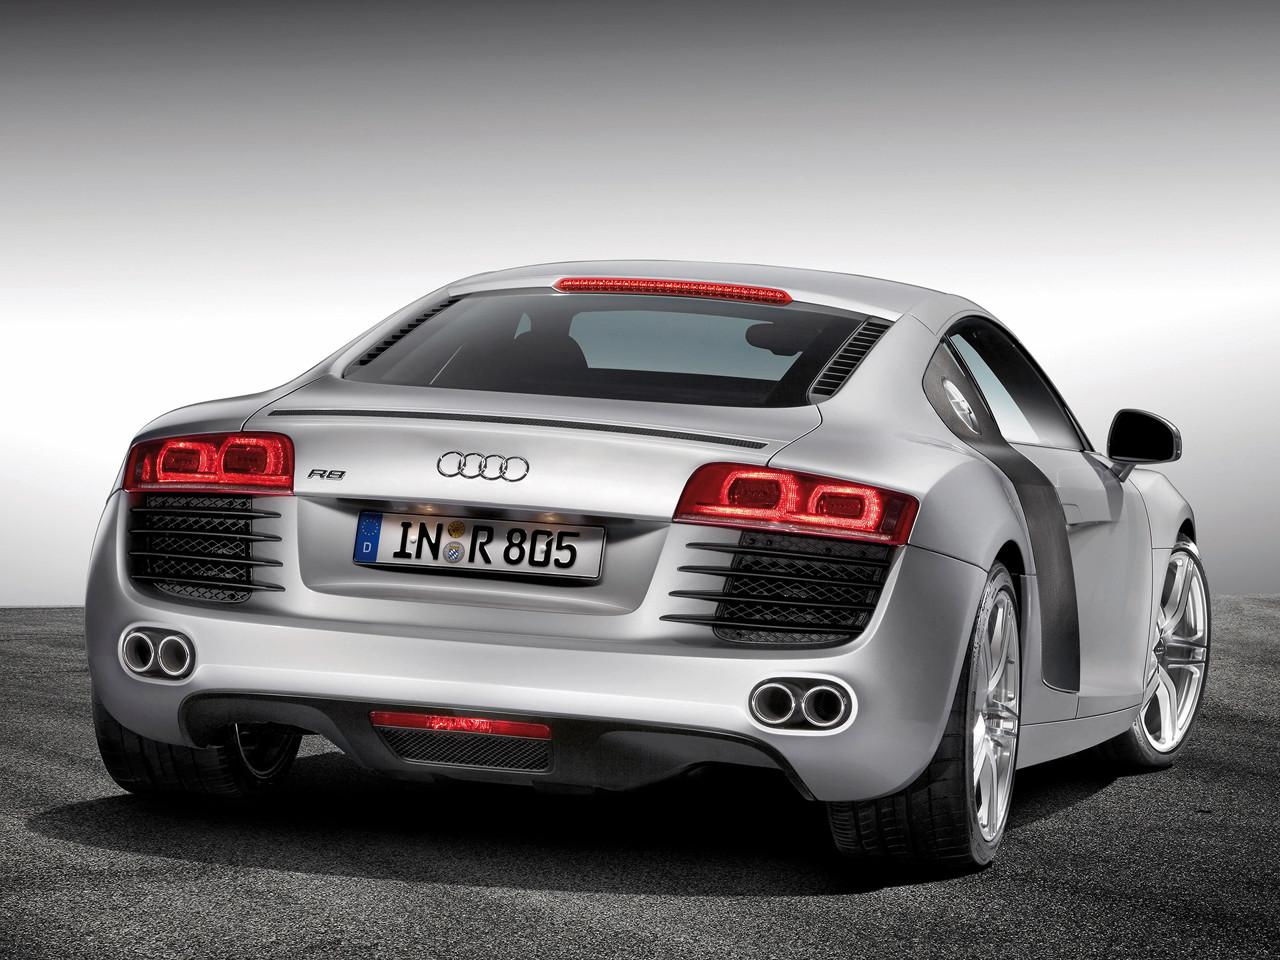 http://2.bp.blogspot.com/-5_028Od_hpc/TwCu3bn_q9I/AAAAAAAAAMg/r1lv6xQqChY/s1600/Audi+cars+wallpapers+2.jpg